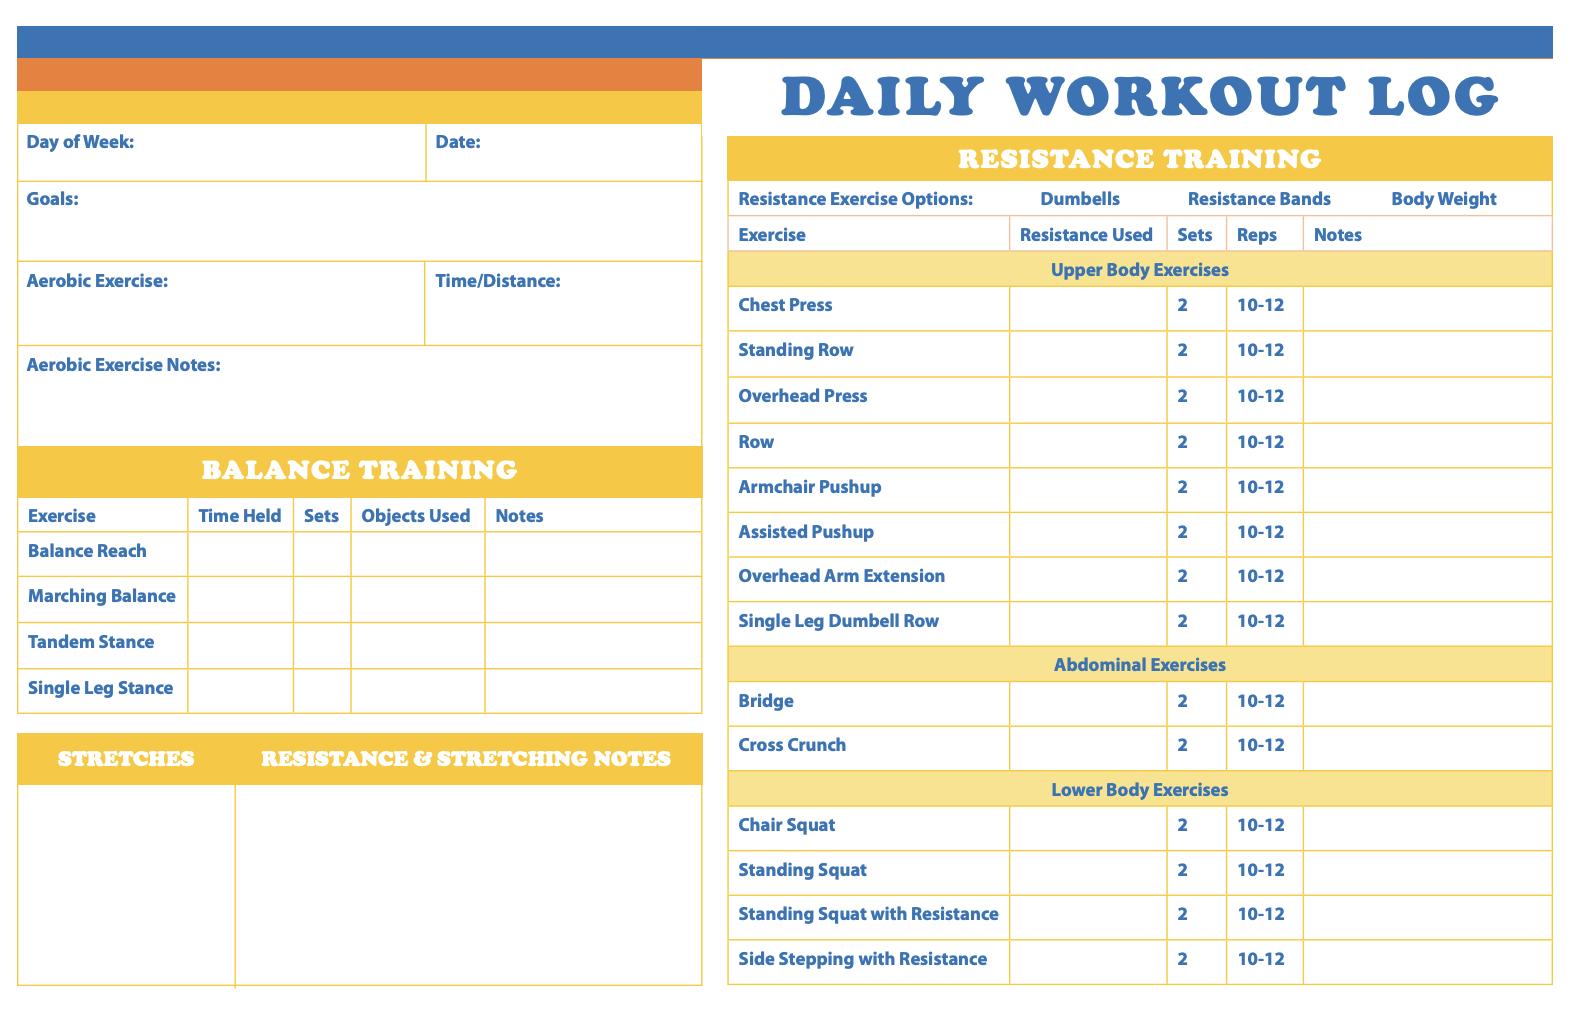 Image of workout log